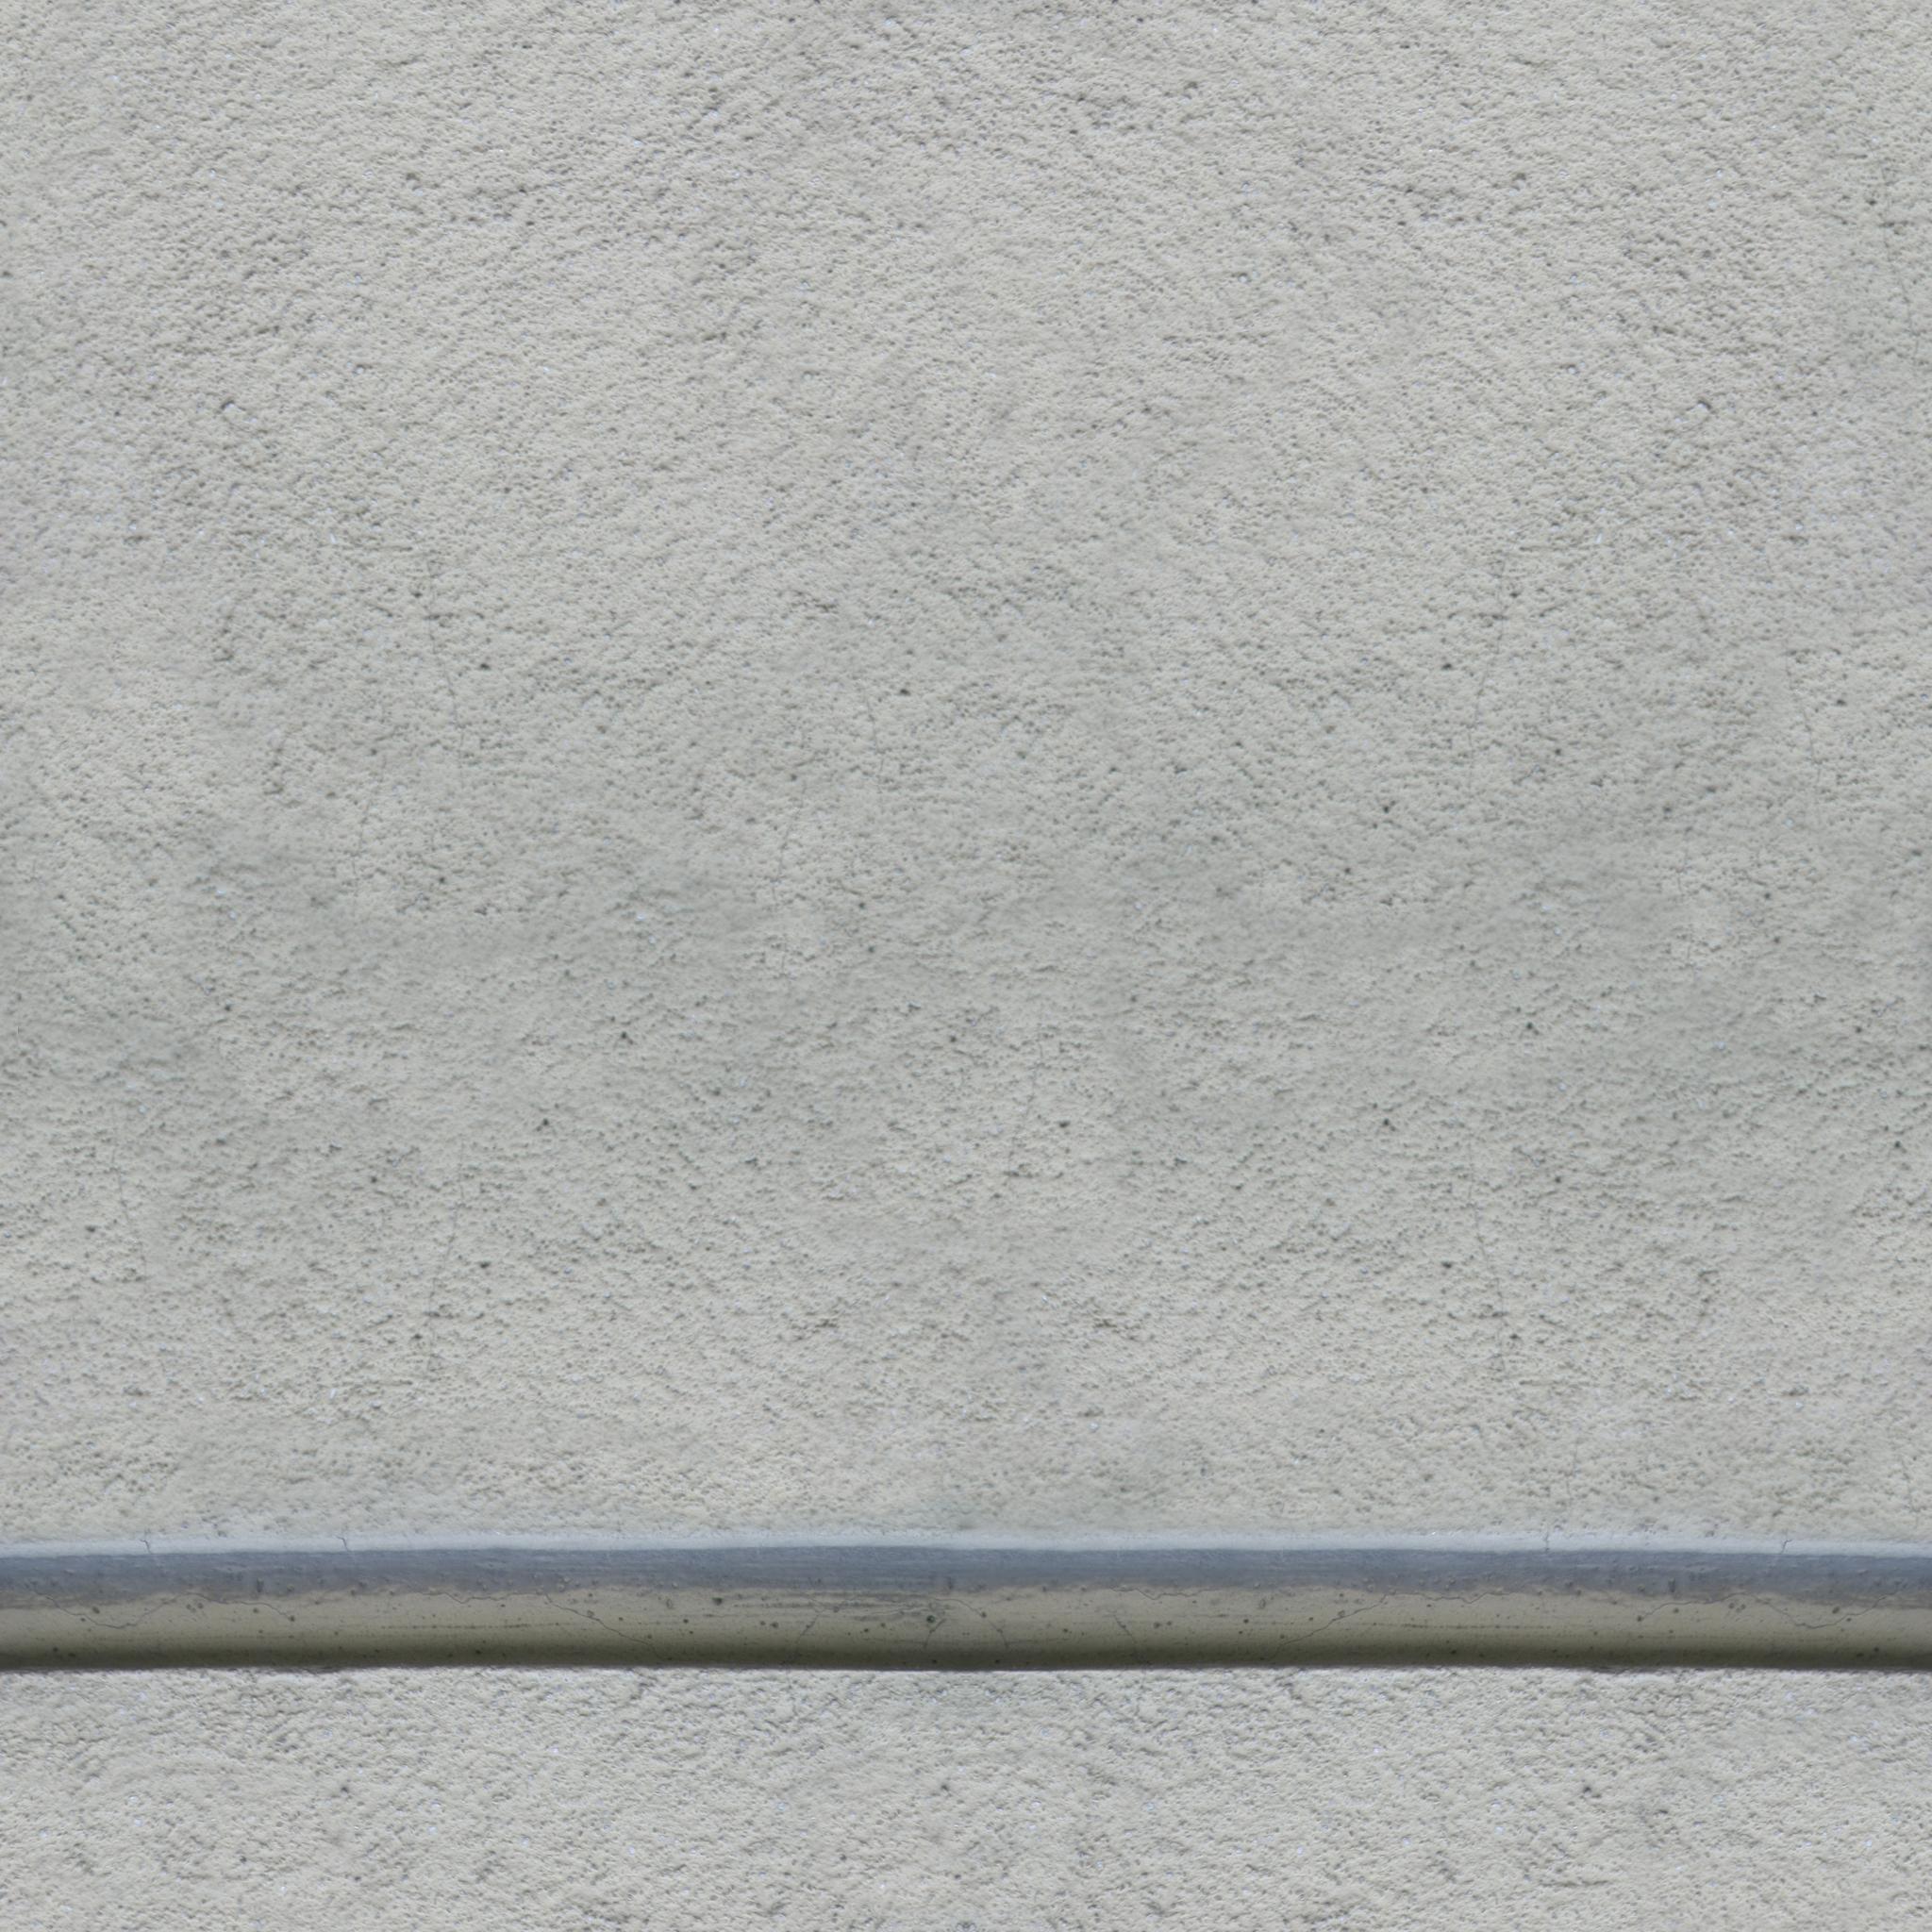 Concrete Wall Seamless 2 By Bitandartat On Deviantart